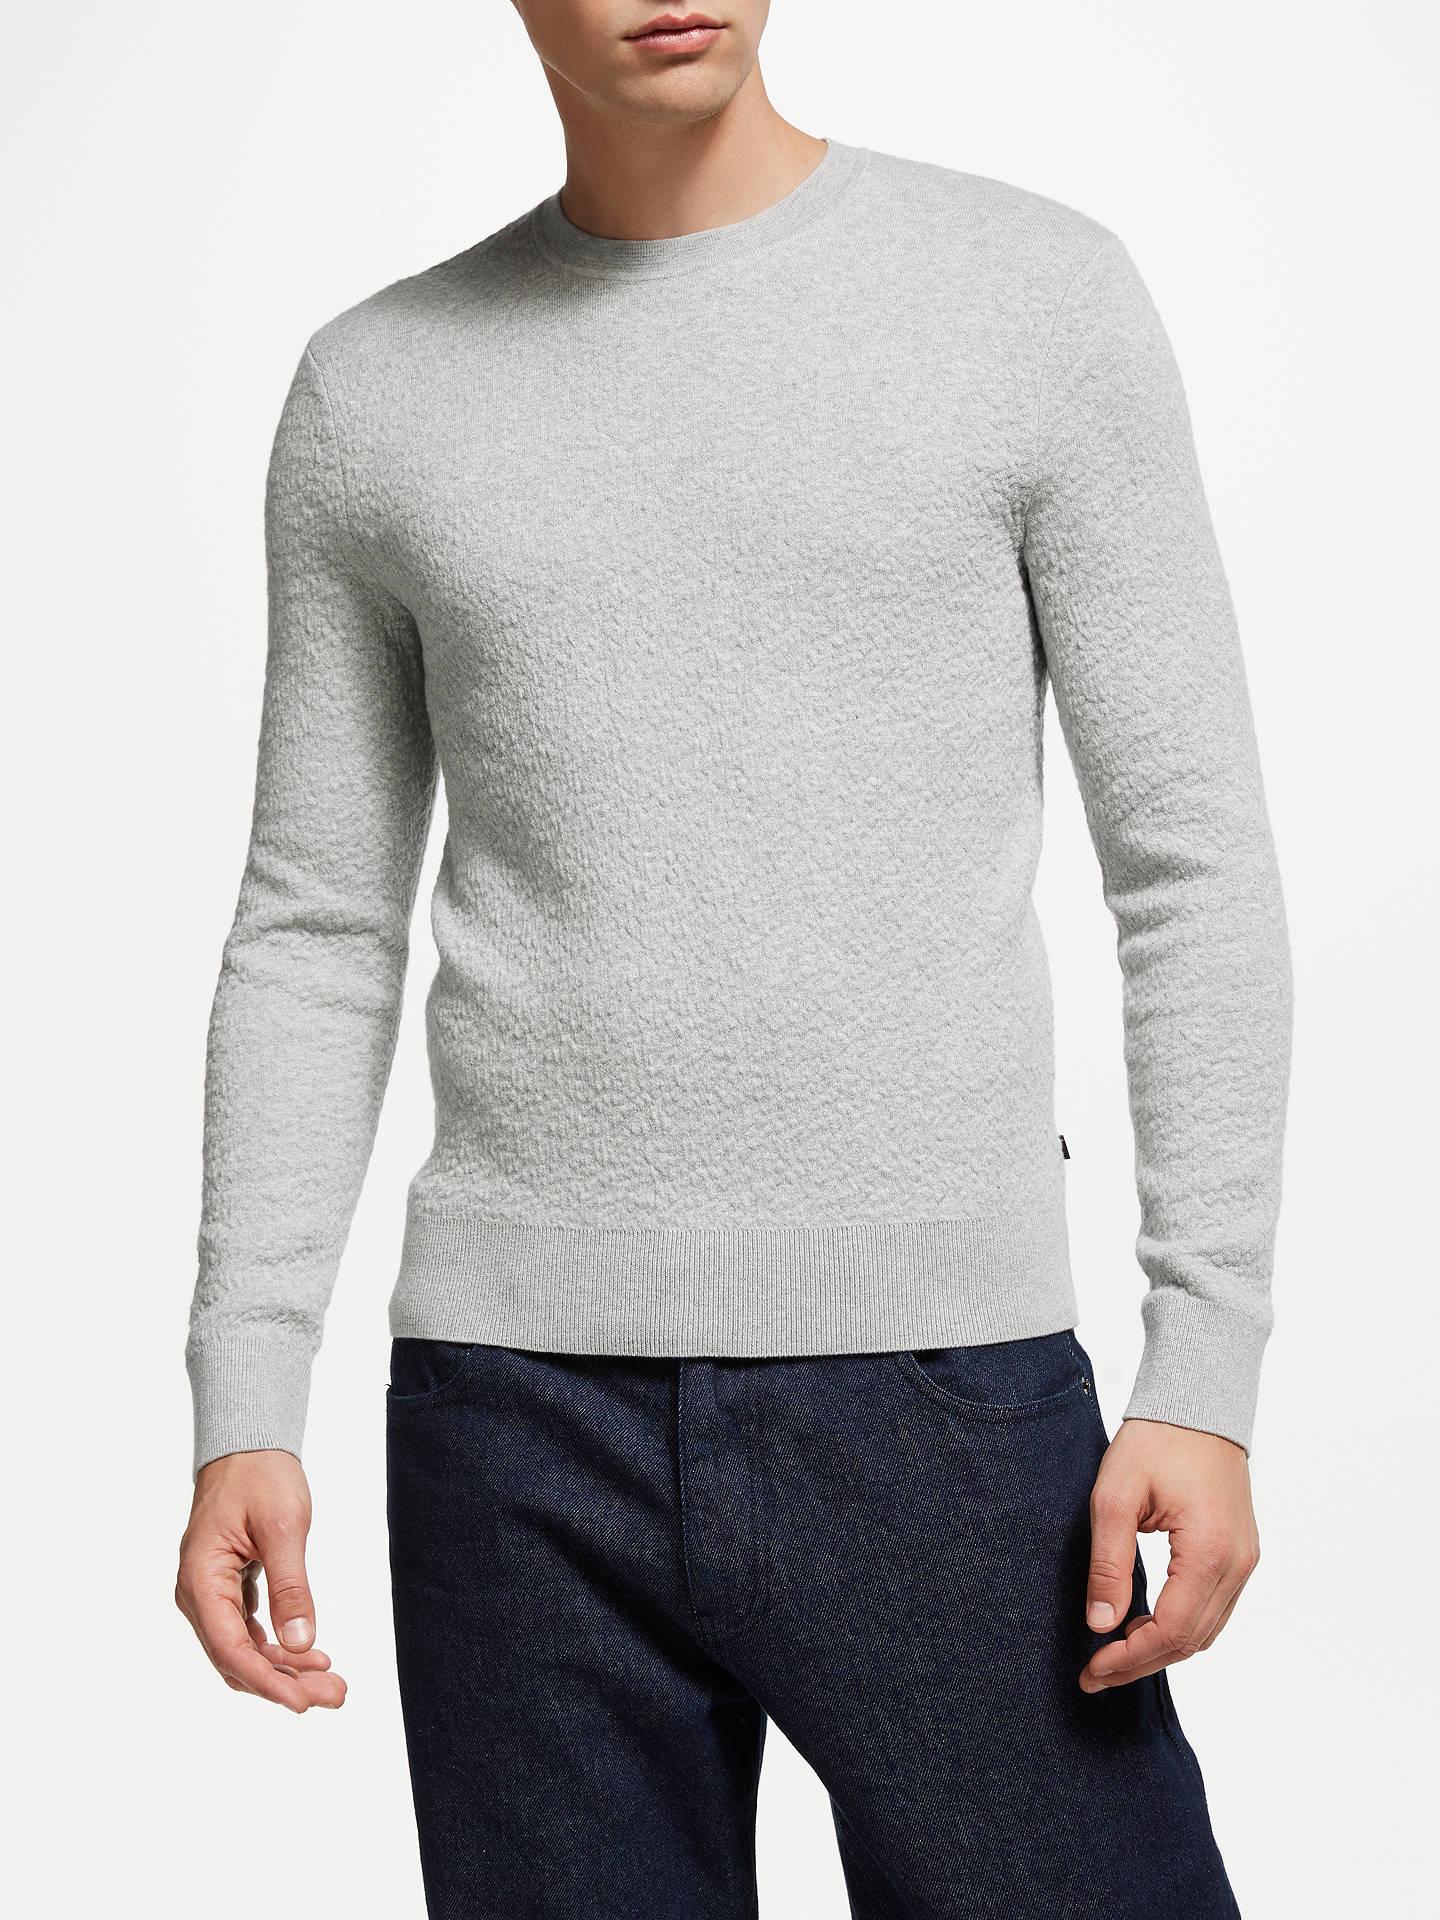 94d7384835 Buy J.Lindeberg Taylor Knit Jumper